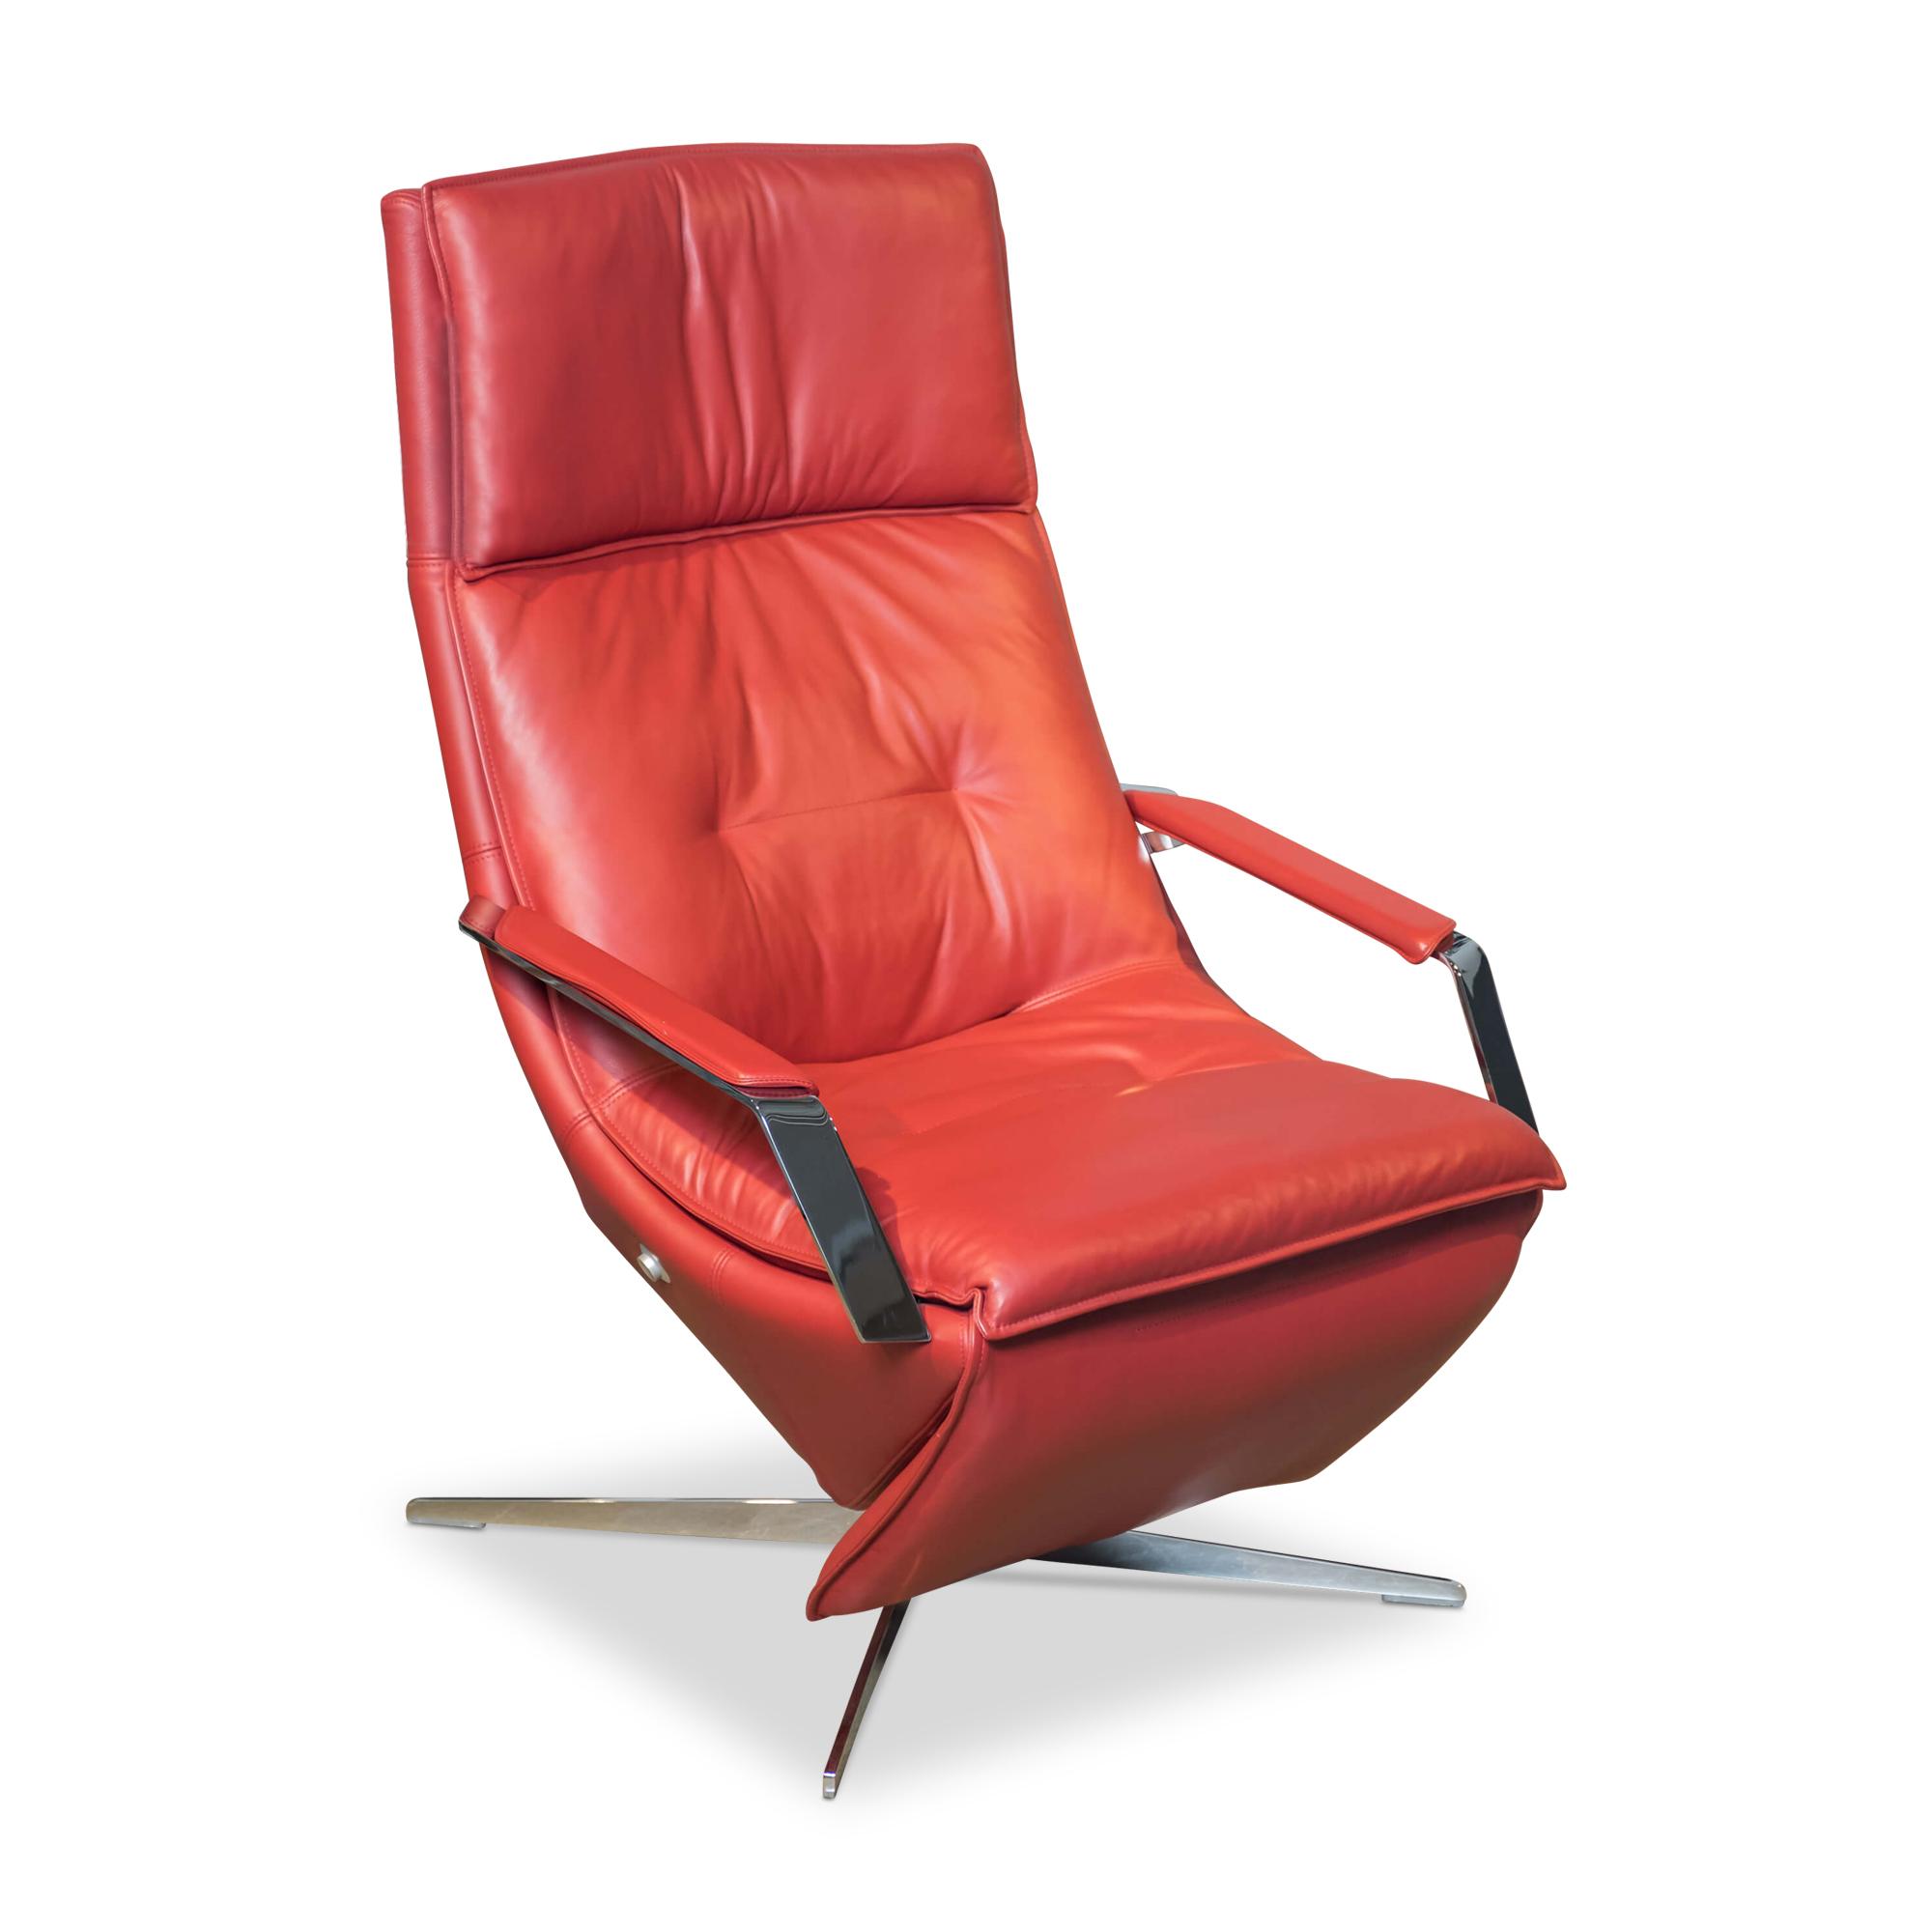 Full Size of Liegesessel Verstellbar Ikea Elektrisch Verstellbare Garten Liegestuhl 577 Rolf Benz Sessel Gnstig Kaufen Mbelfirst Sofa Mit Verstellbarer Sitztiefe Wohnzimmer Liegesessel Verstellbar